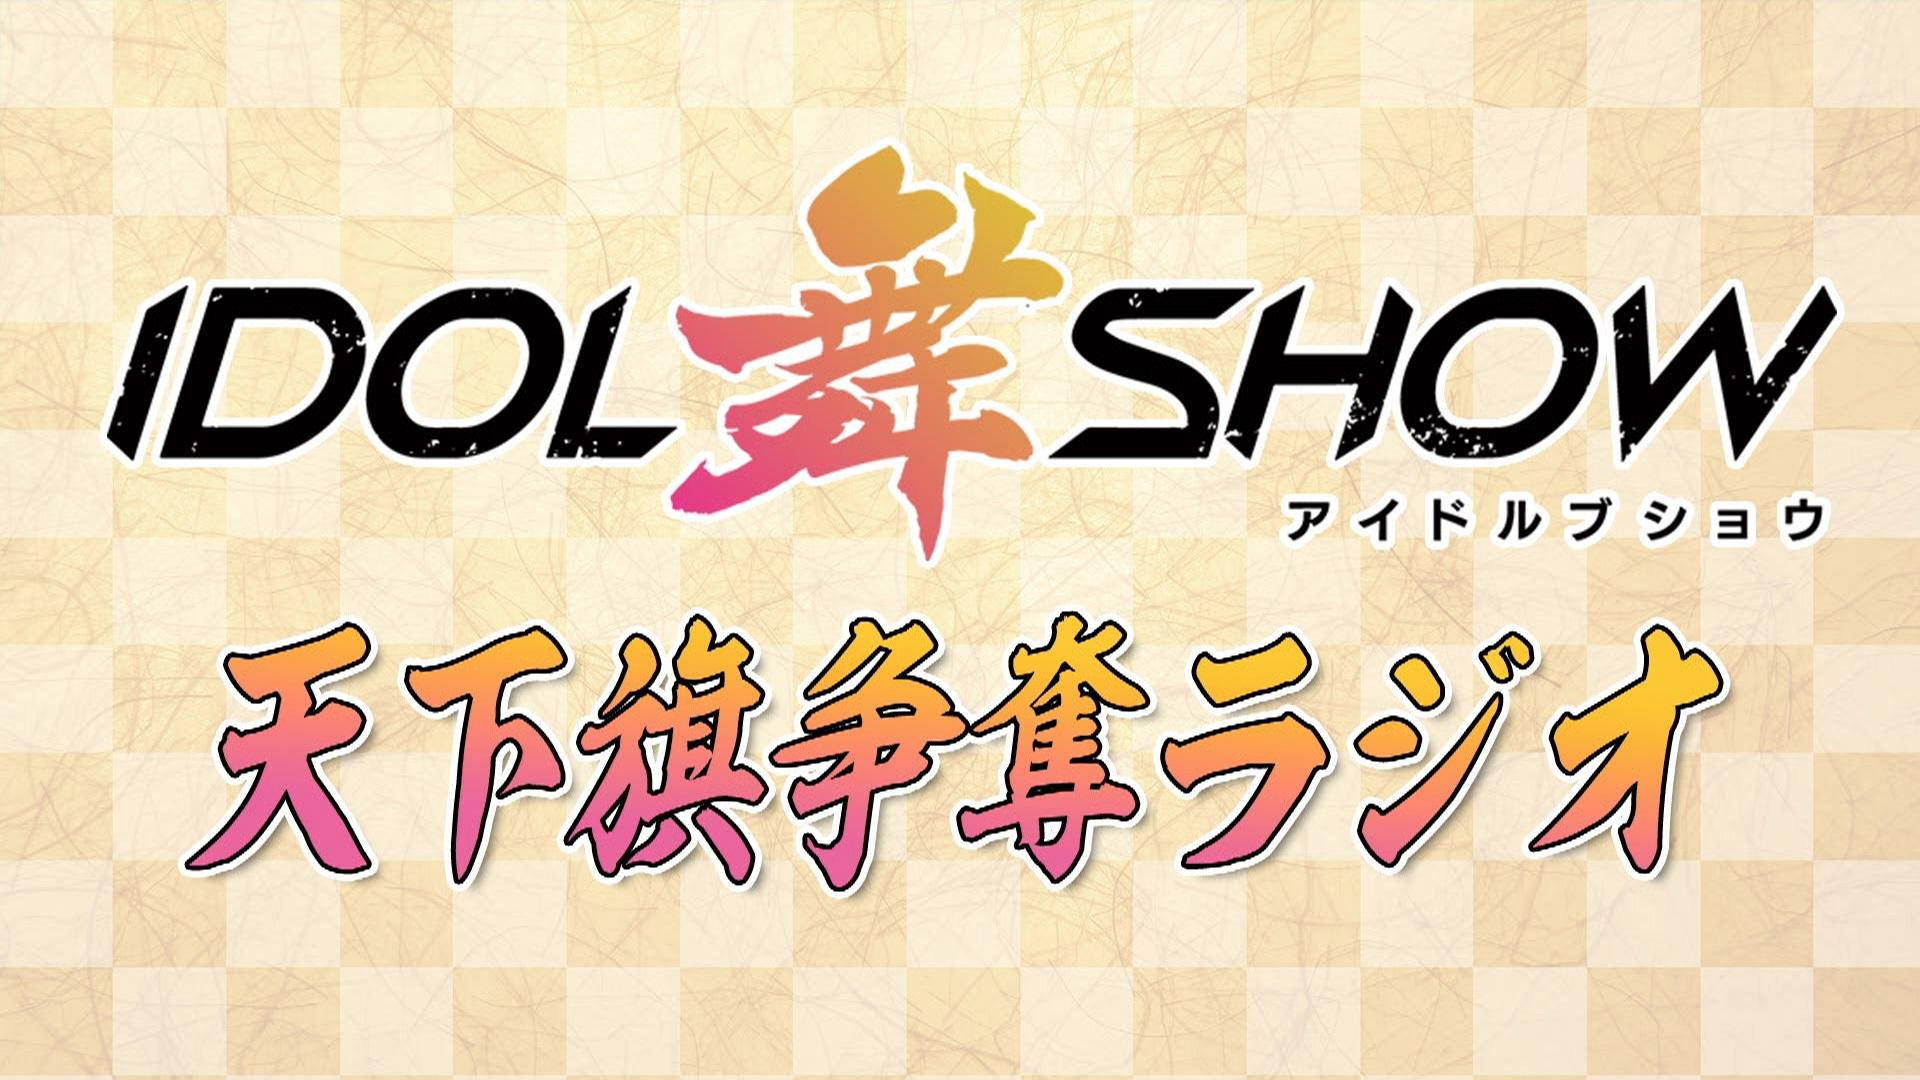 ファーストシングル発売記念!「IDOL舞SHOW~天下旗争奪ラジオ~」番組イベント